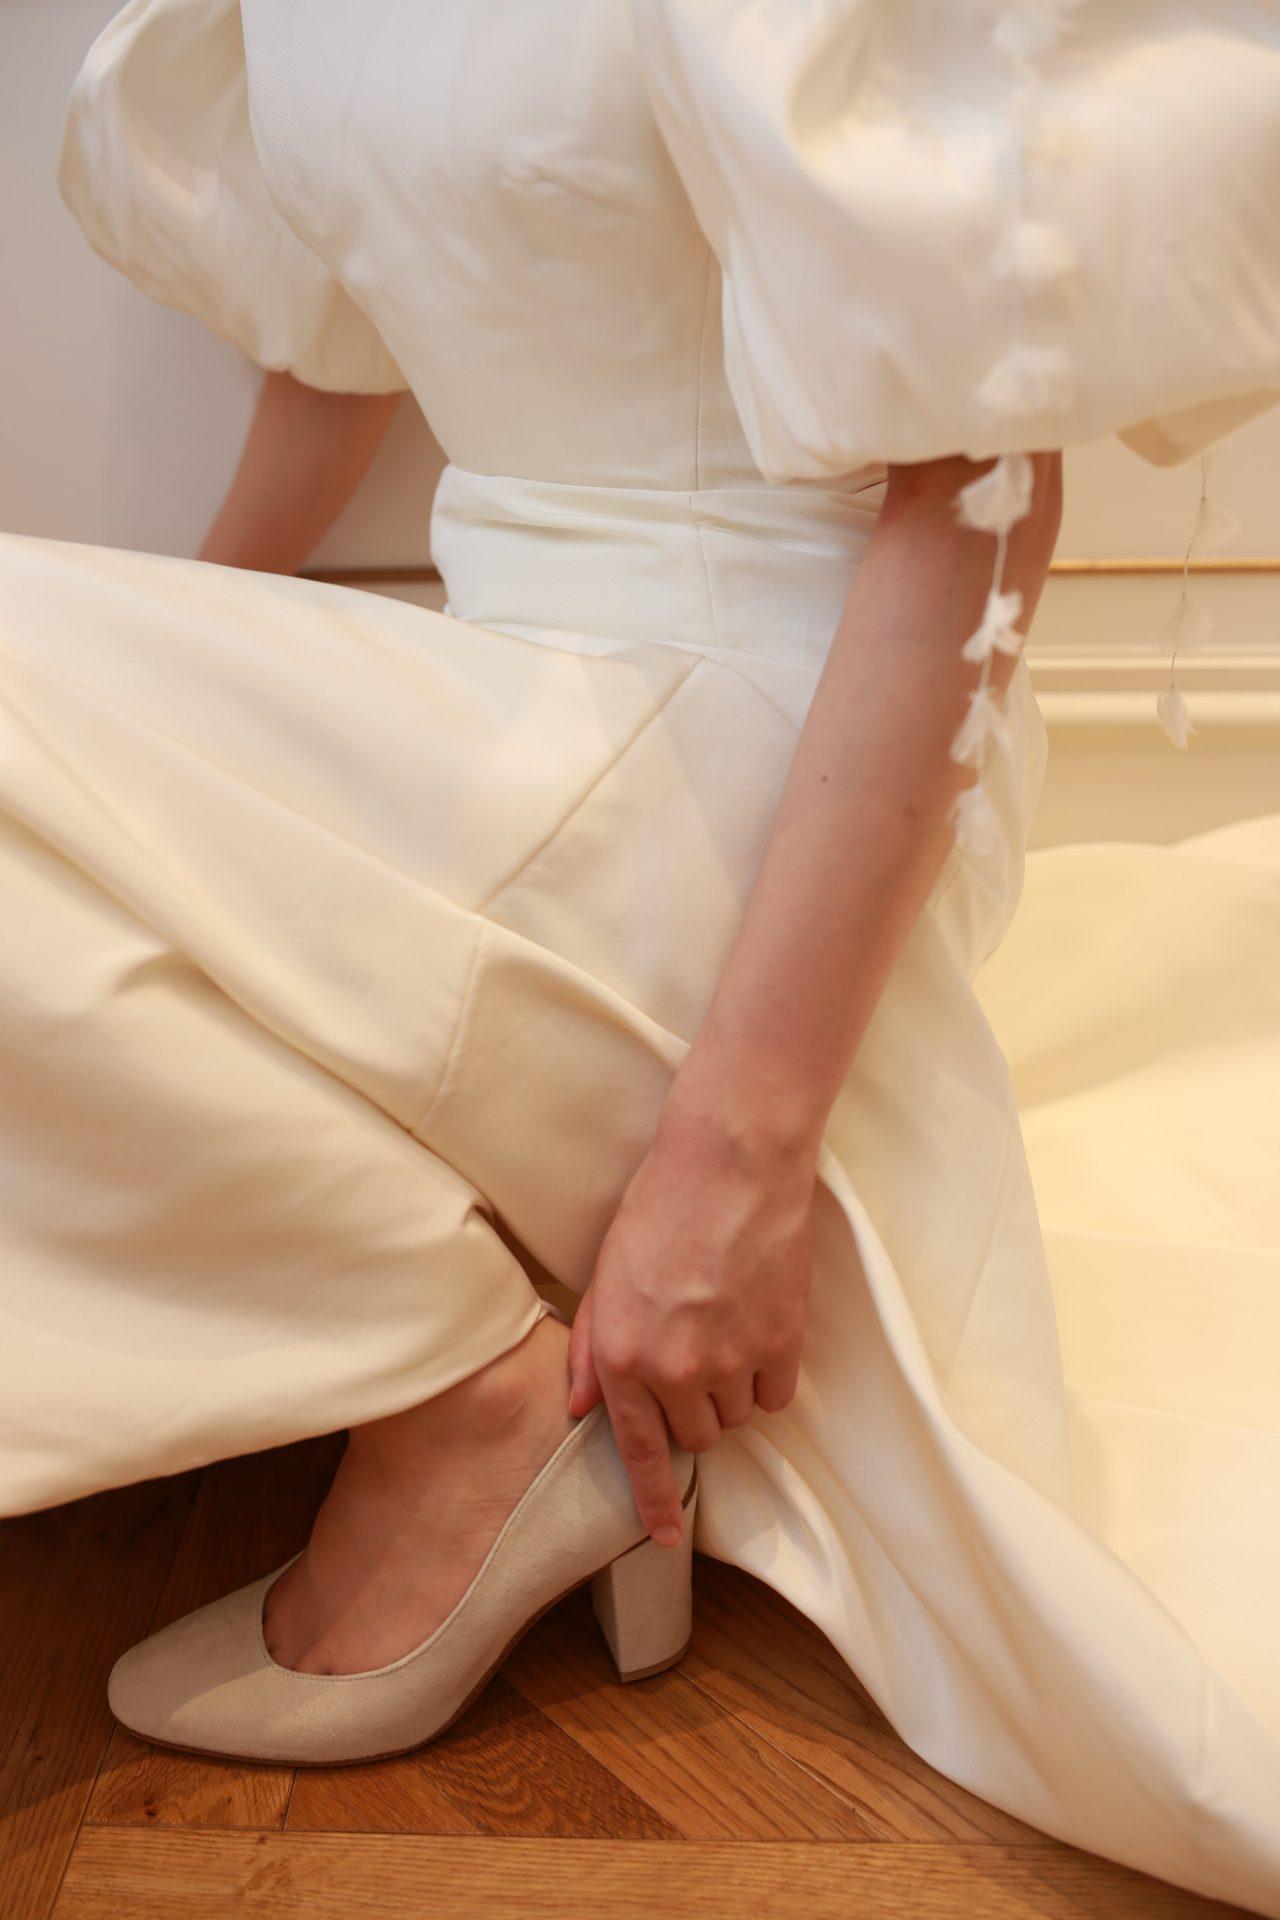 上質なシルクのウェディングドレスにおすすめのベージュのスウェードのウェディングシューズ